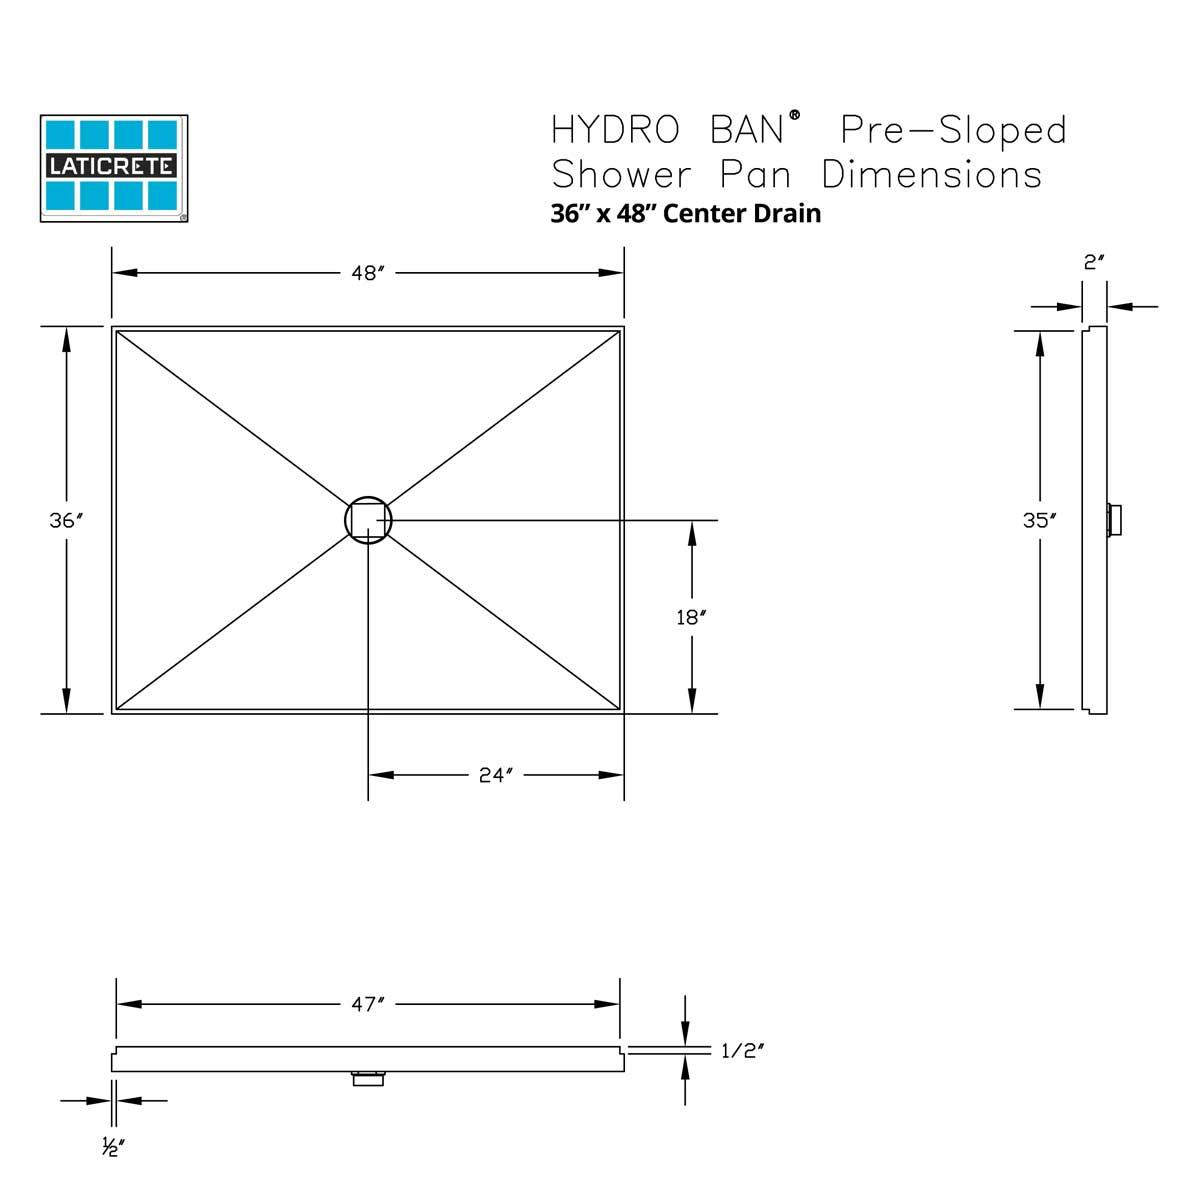 3156 laticrete hydro ban pre sloped shower pan